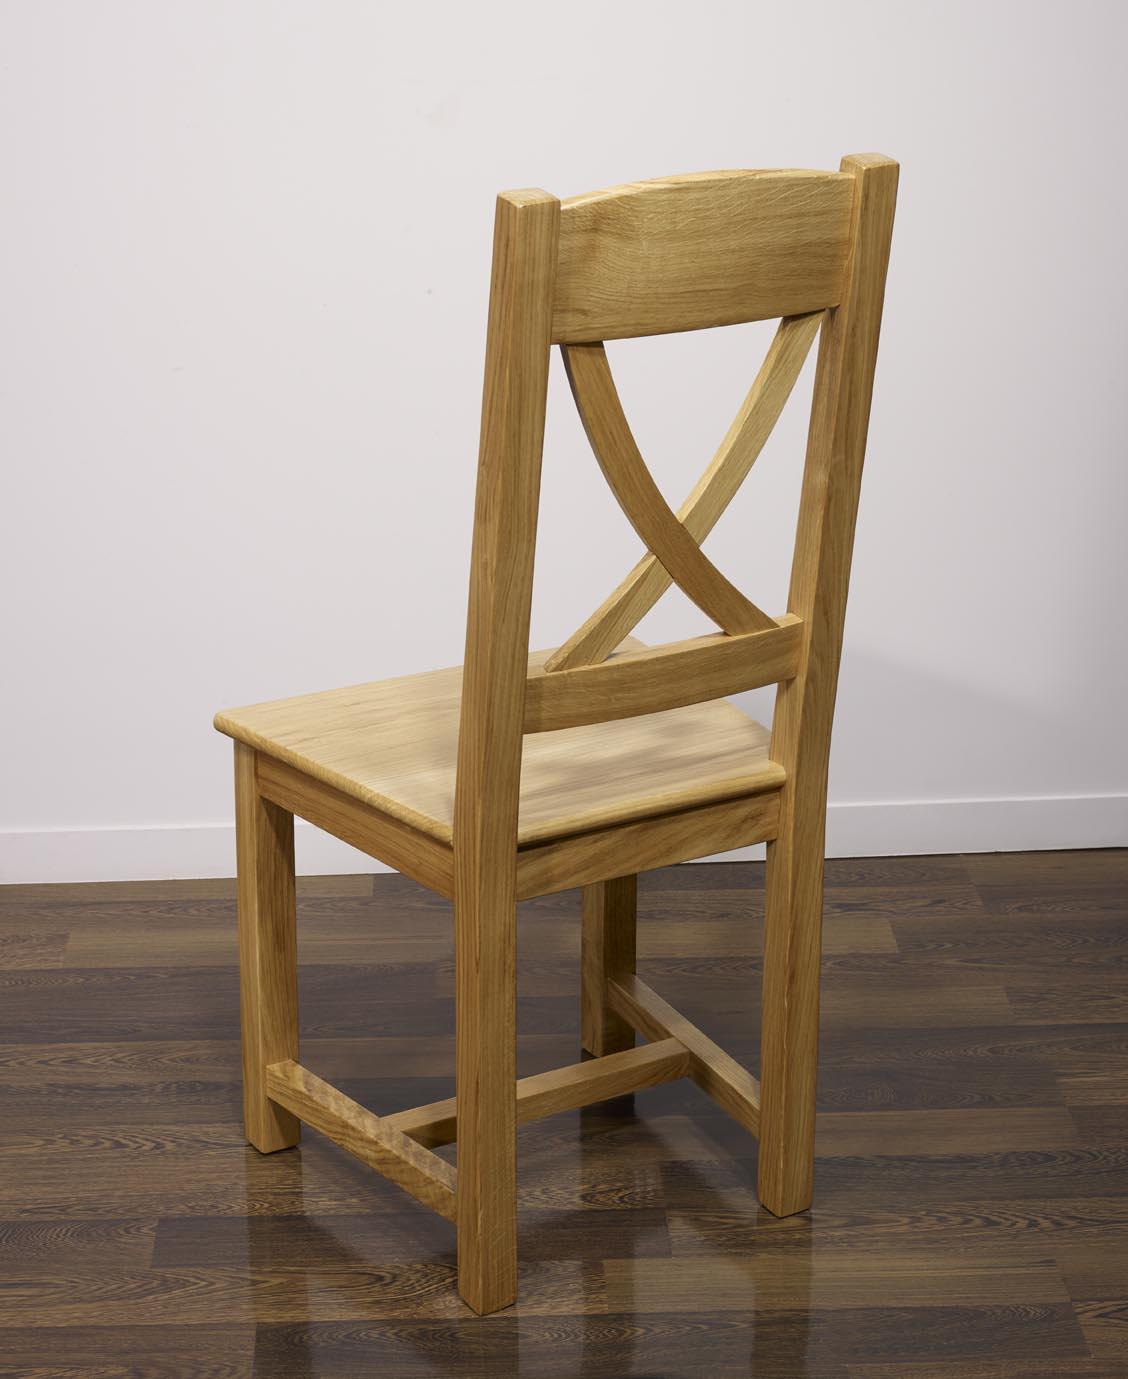 chaise en ch ne massif de style campagne assise ch ne meuble en ch ne. Black Bedroom Furniture Sets. Home Design Ideas